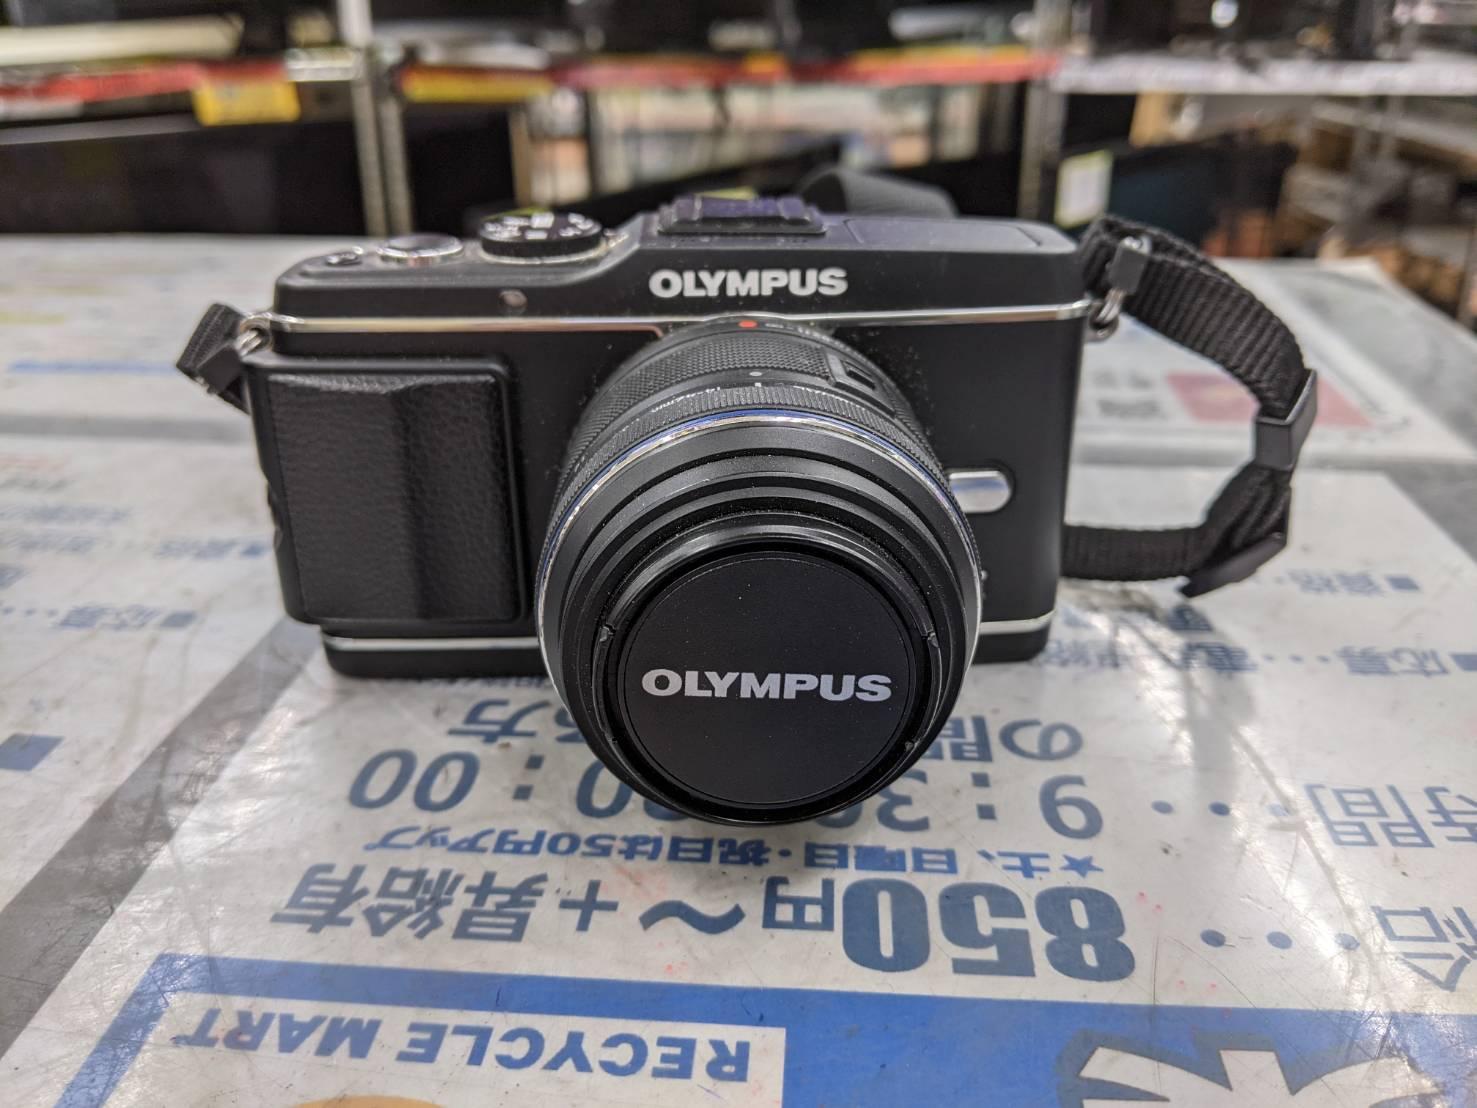 OLYMPUS オリンパス ミラーレス一眼 PEN E-P3 レンズキット ブラック E-P3 をお買取りさせて頂きました!!の買取-